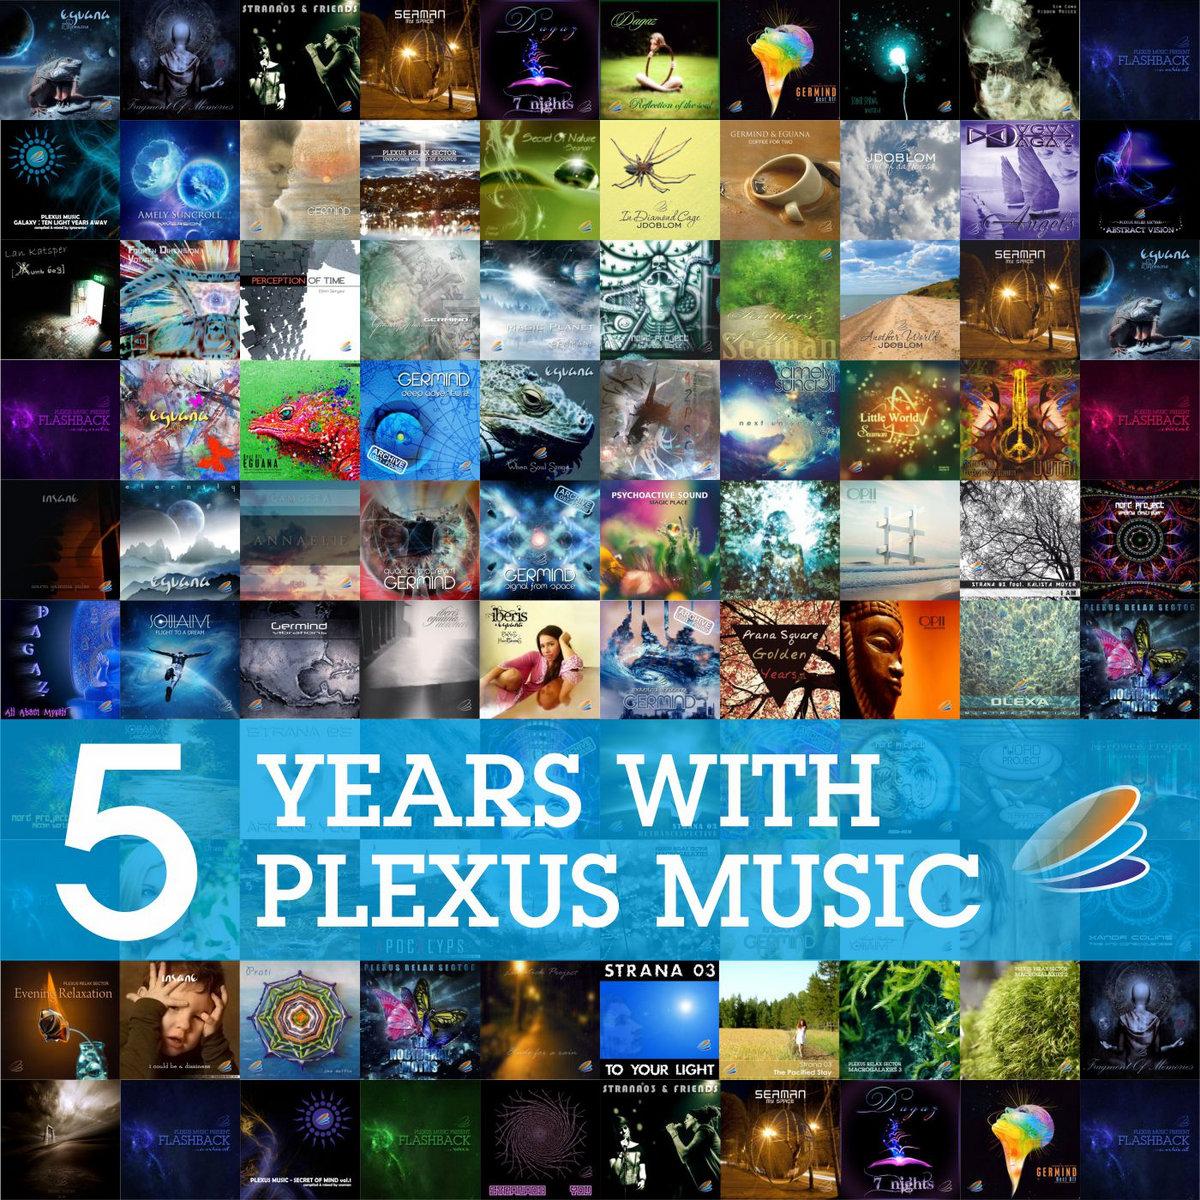 Germind - Day By Day | Plexus Music